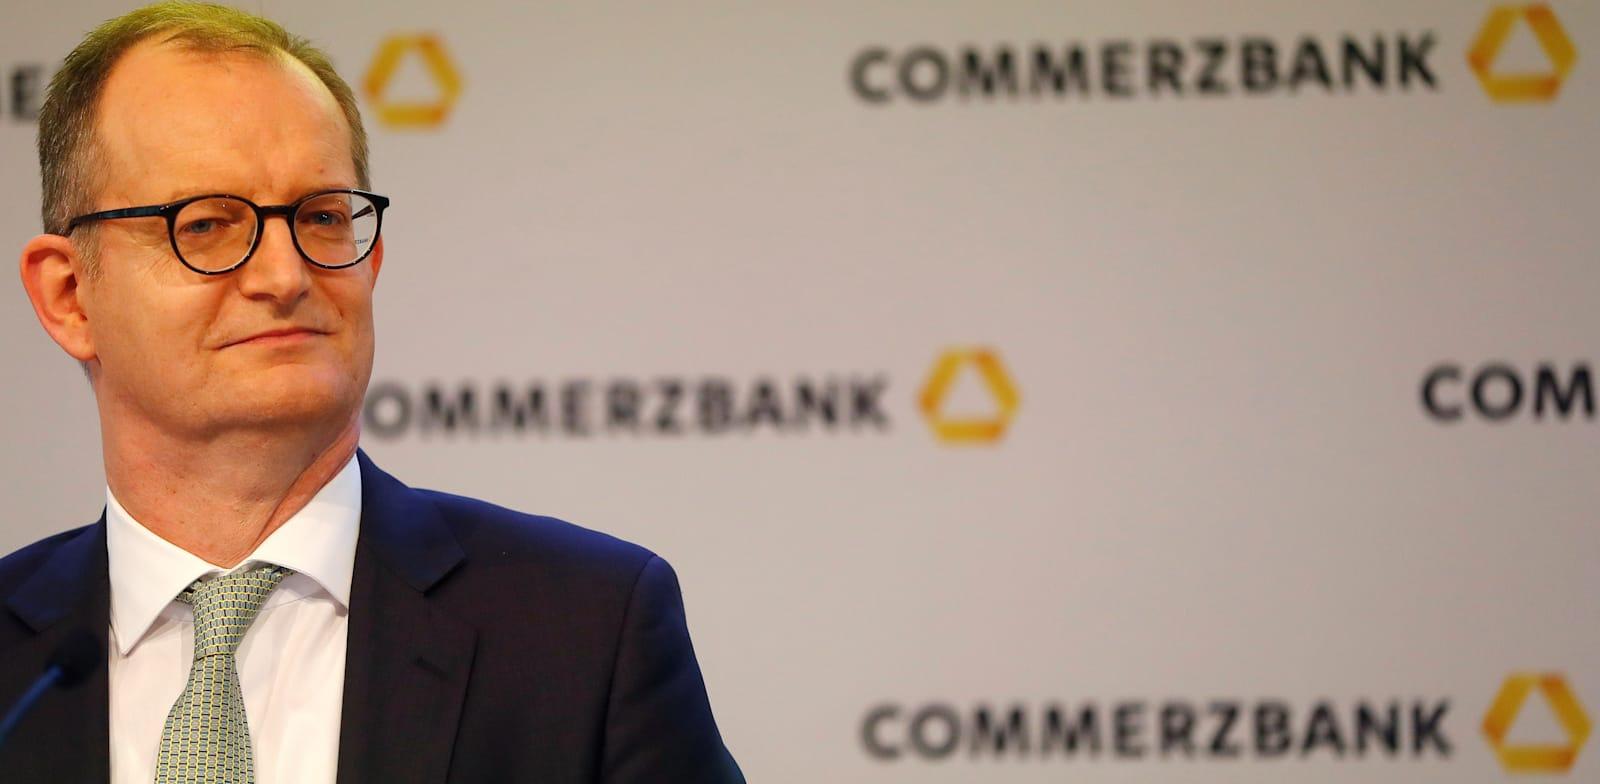 """מנכ""""ל """"קומרצבנק"""", מרטין זילקה. המסר של הבנק: שלמו 0.5% ריבית על הפקדונות או שתעזבו / צילום: Reuters, KAI PFAFFENBACH"""